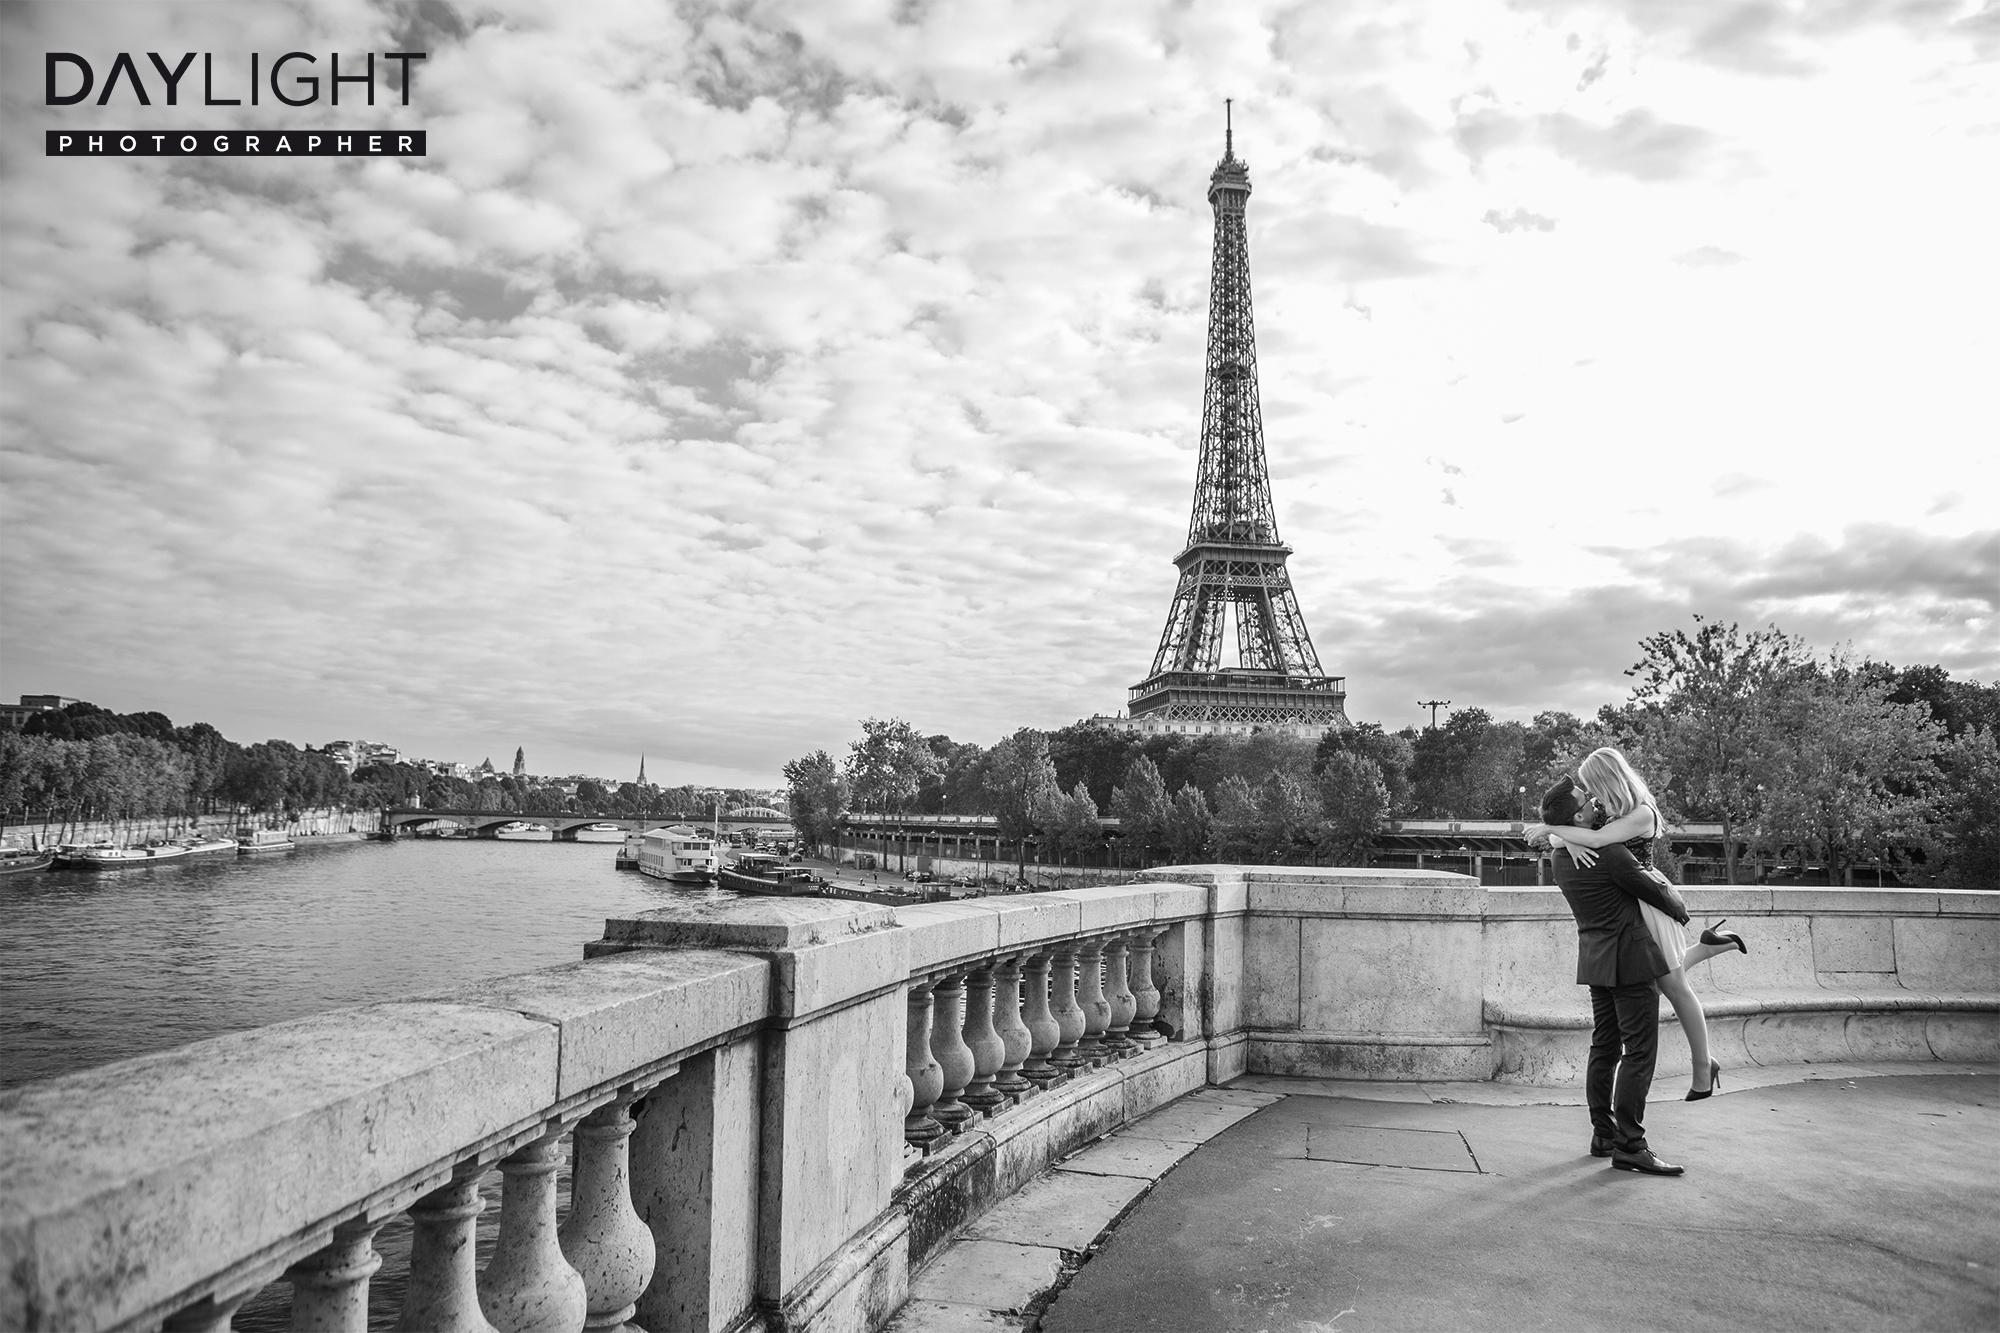 fotograf aus paris bietet fotoshooting